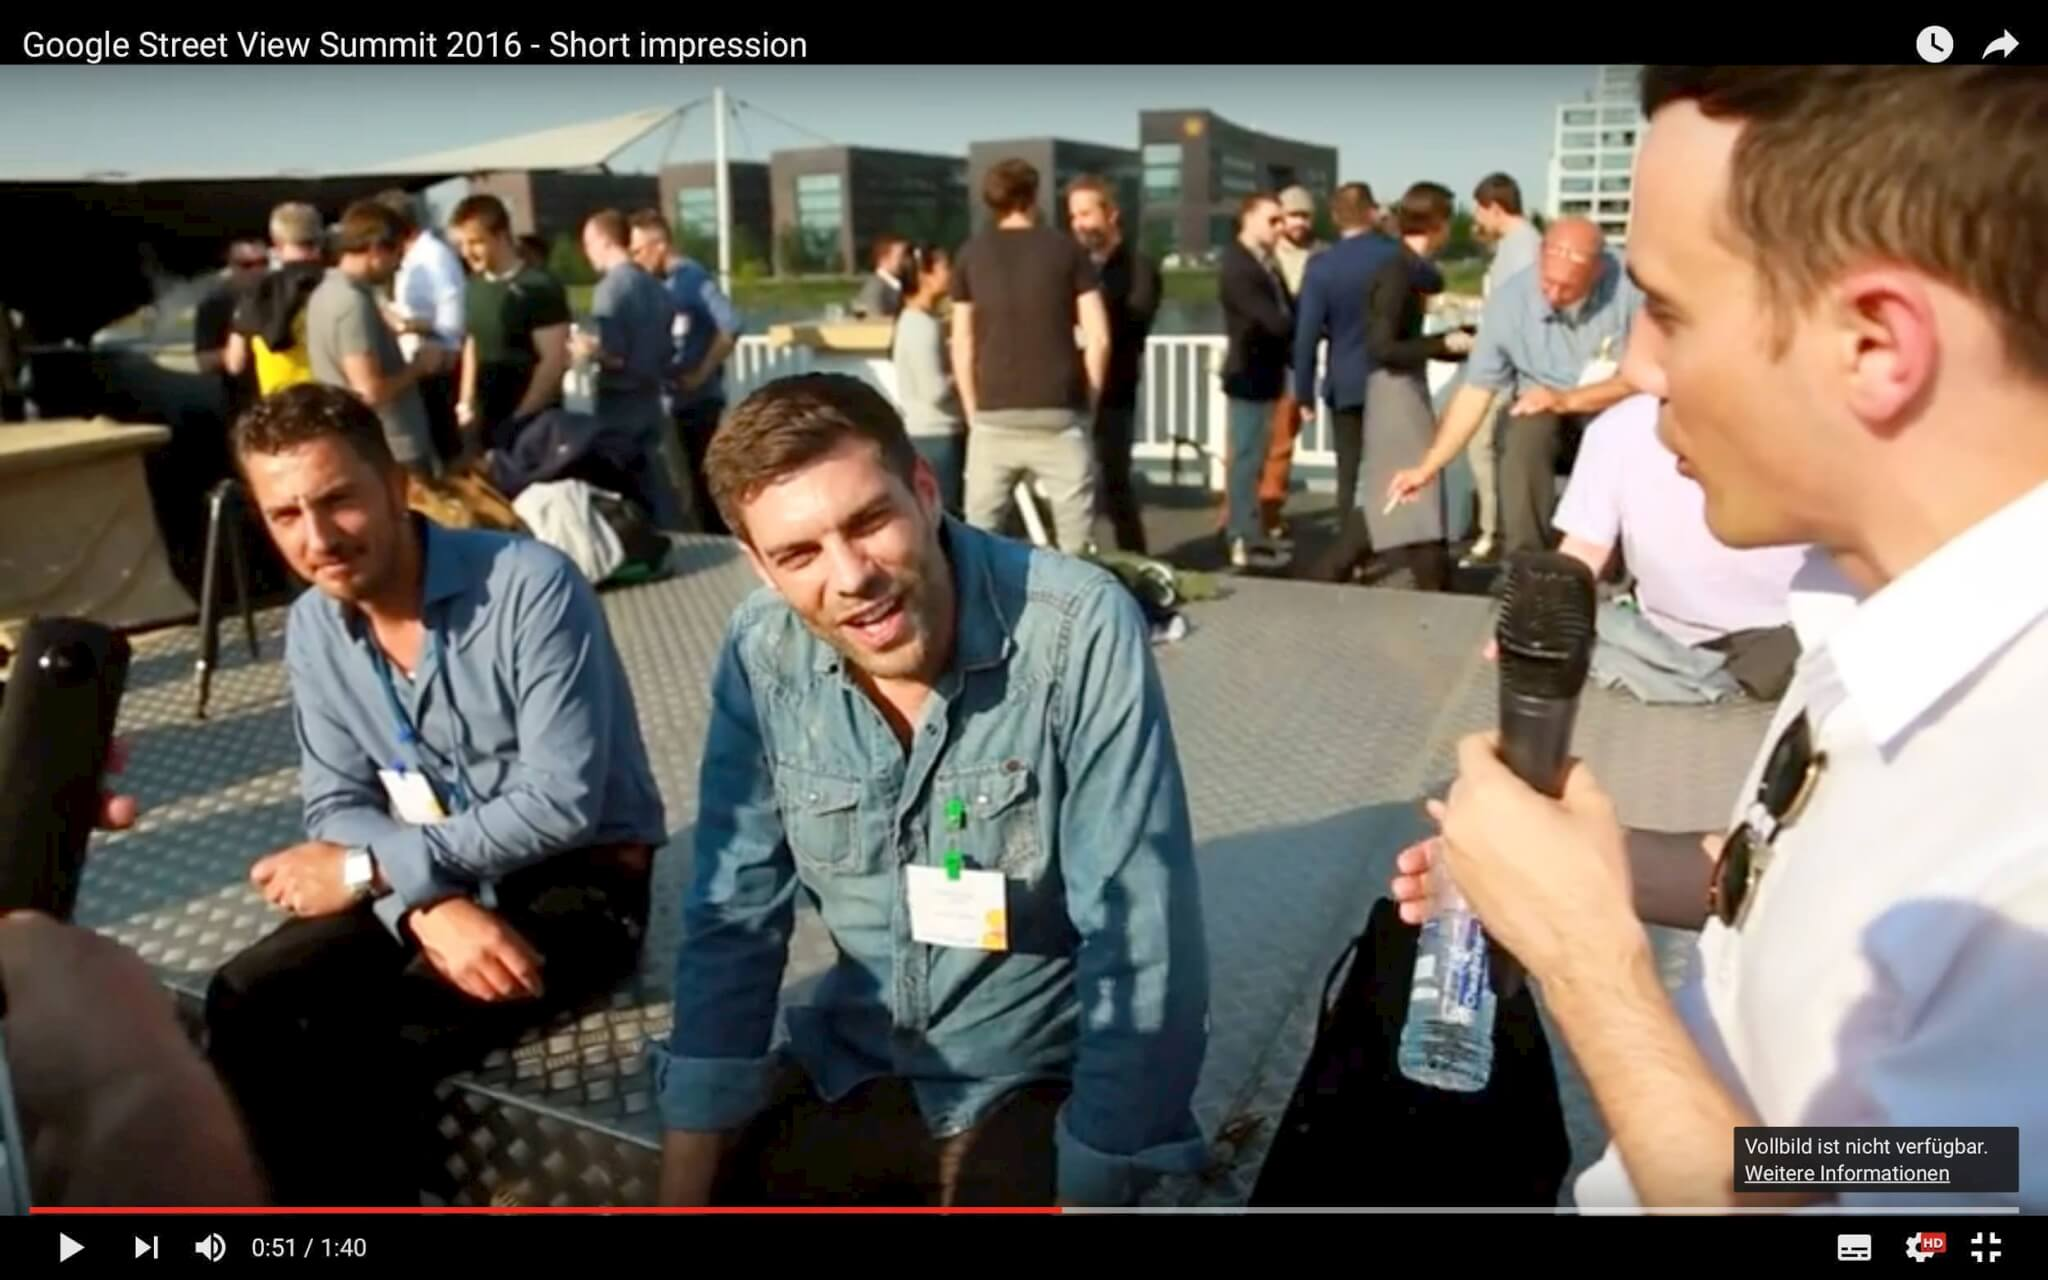 Google Street View Summit 2016